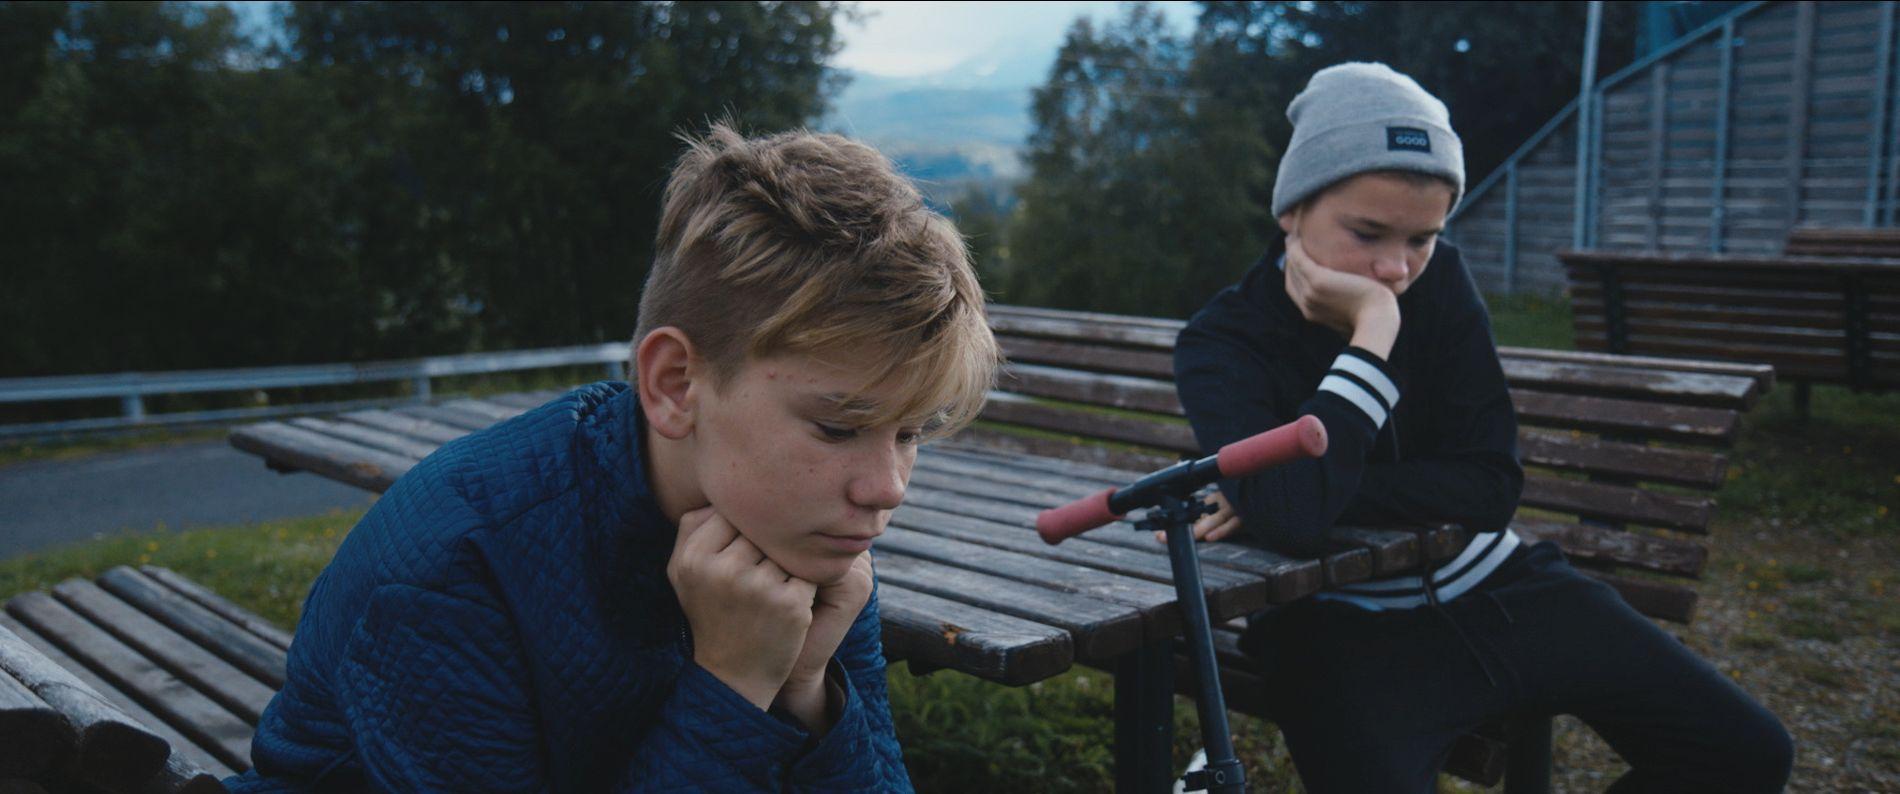 DAGER I ALLE FARGER, OGSÅ GRÅ: Selv Marcus og Martinus har dårlige dager ifølge «Sammen om drømmen». FOTO: NORSK FILMDISTRIBUSJON.